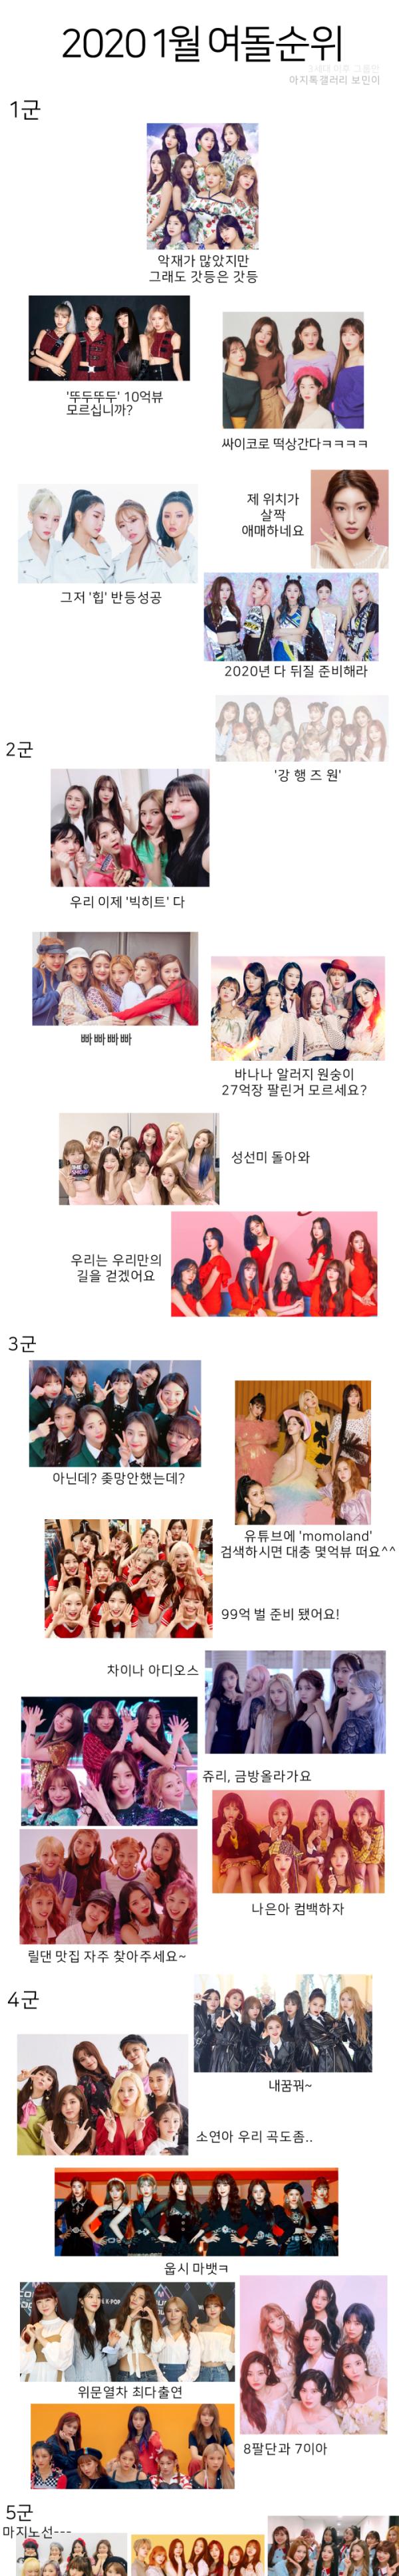 5 cấp bậc đẳng cấp của idol nữ Kpop, theo bình chọn của người hâm mộ.